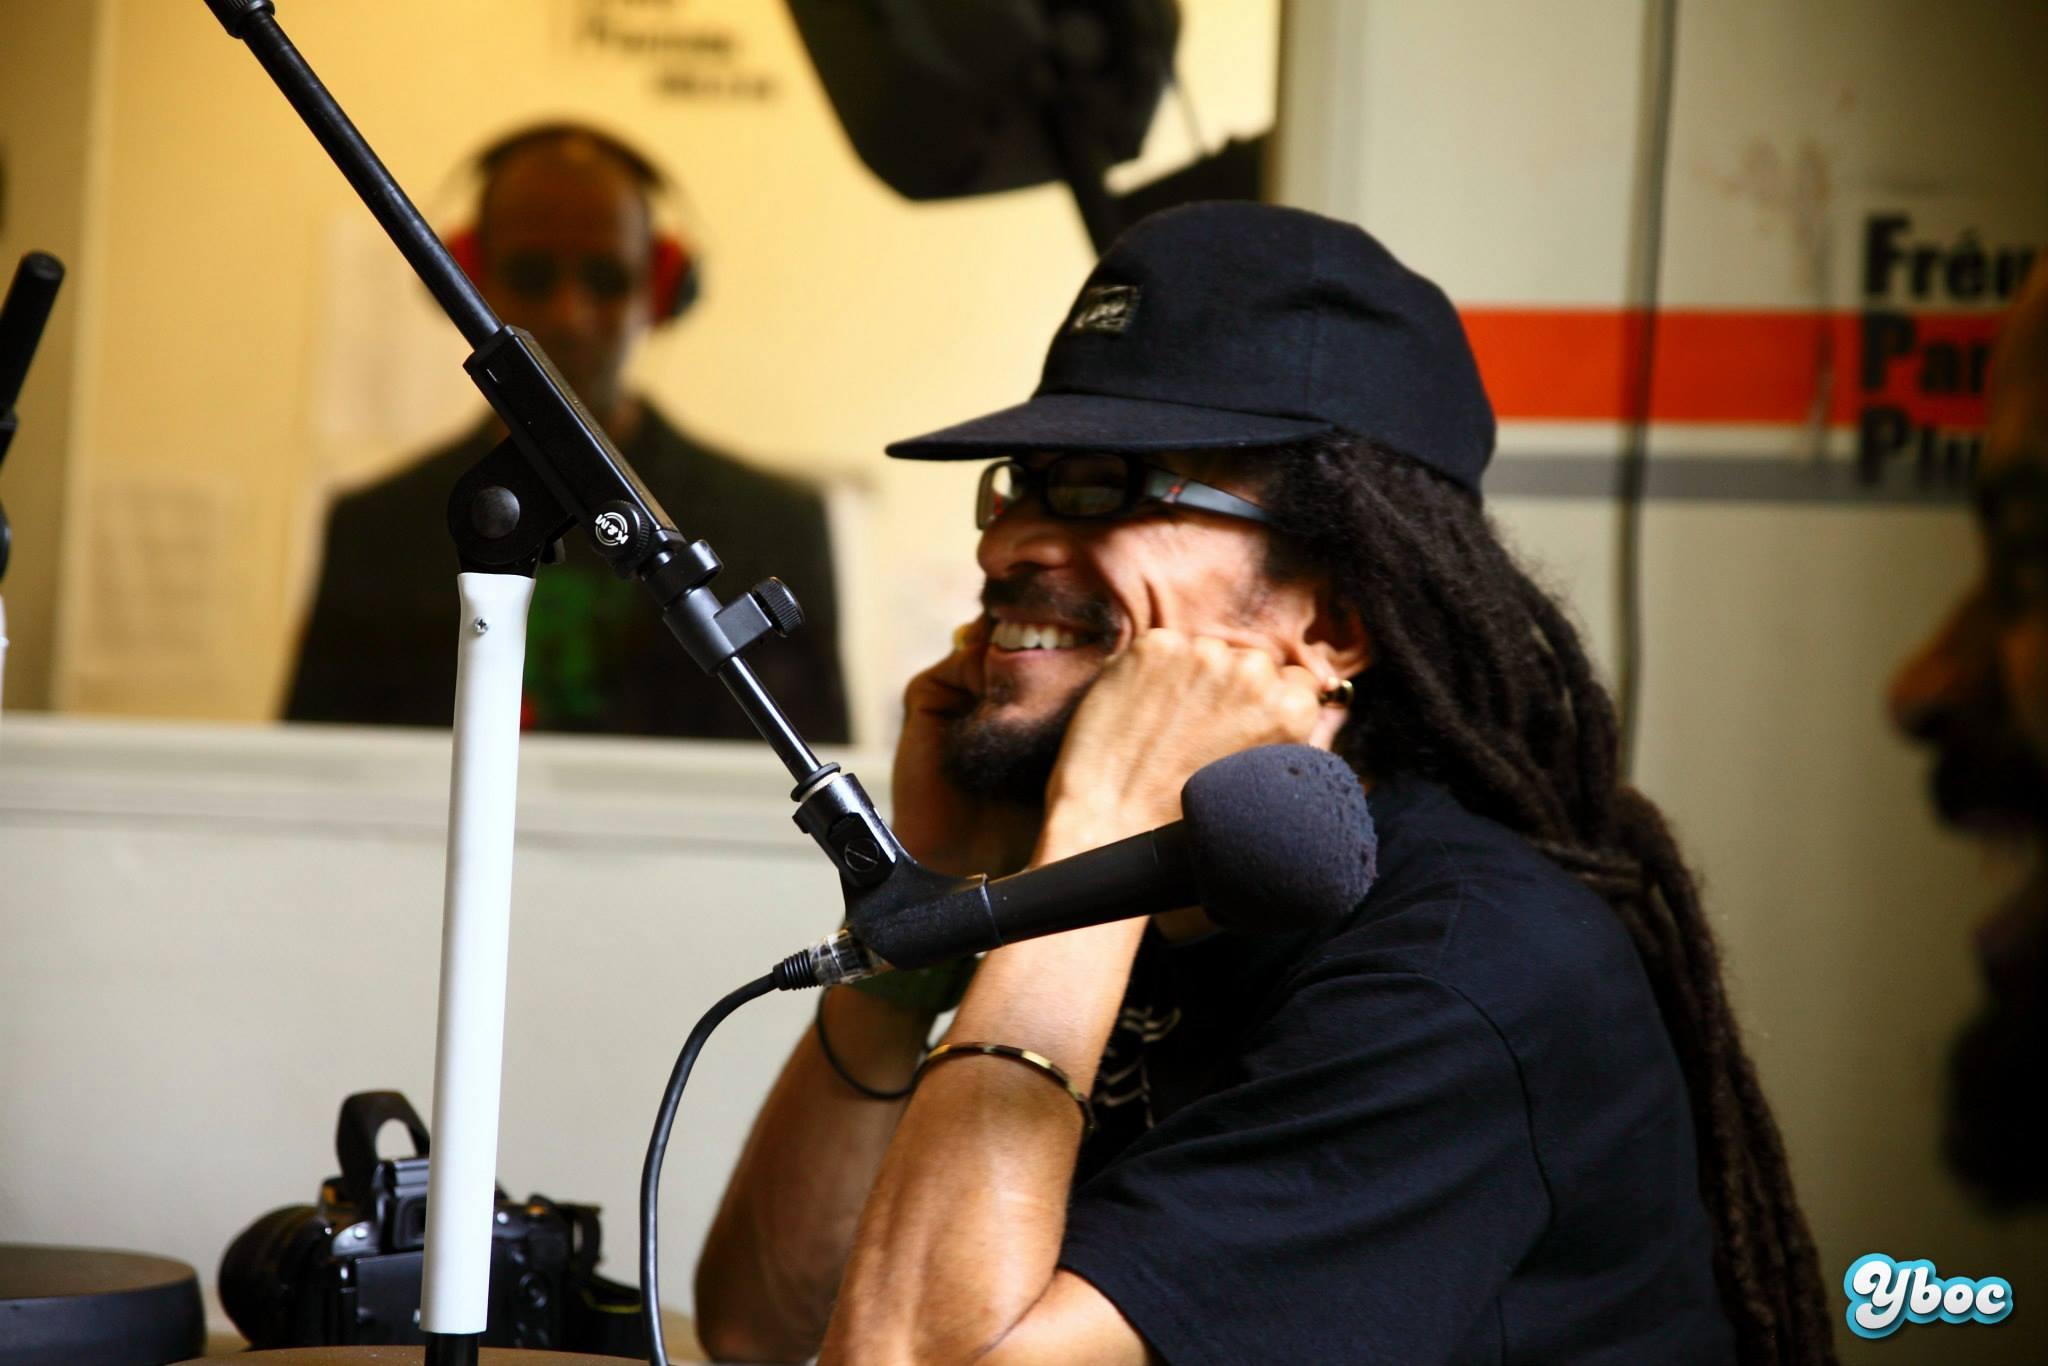 Apprenez-en plus sur exXÒs, interview d' EDS sur RFPP Radio Fréquence Paris Plurielle